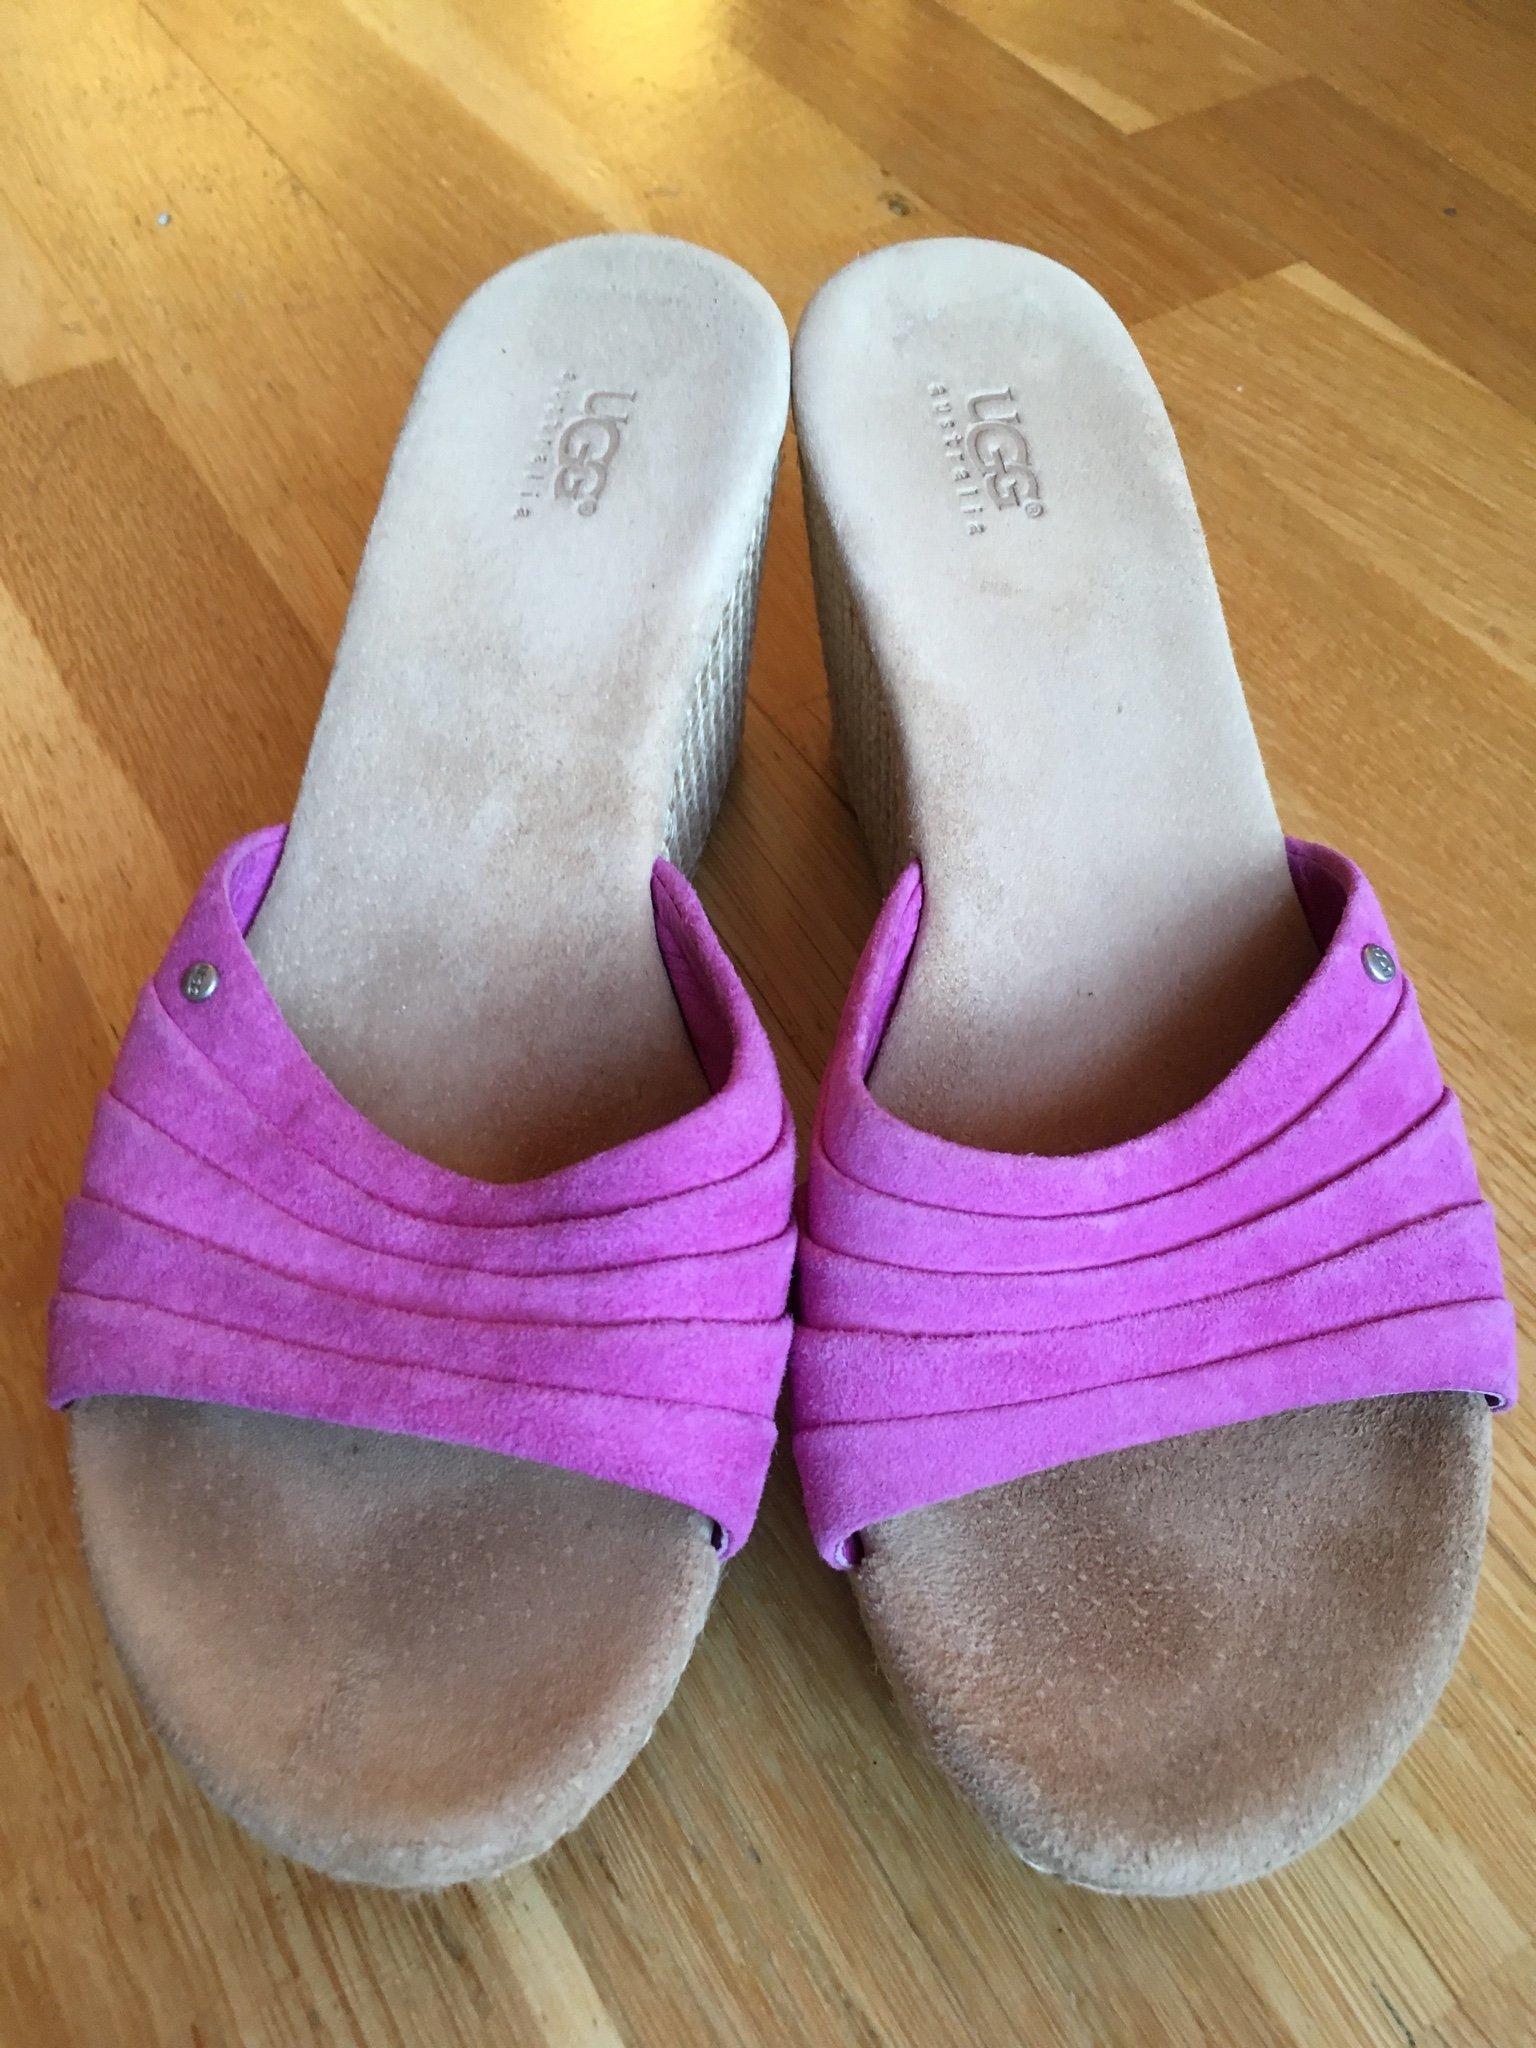 4ebd94bd679 UGG lila slip-in kilklack sandaler skor 37 (348090492) ᐈ Köp på Tradera